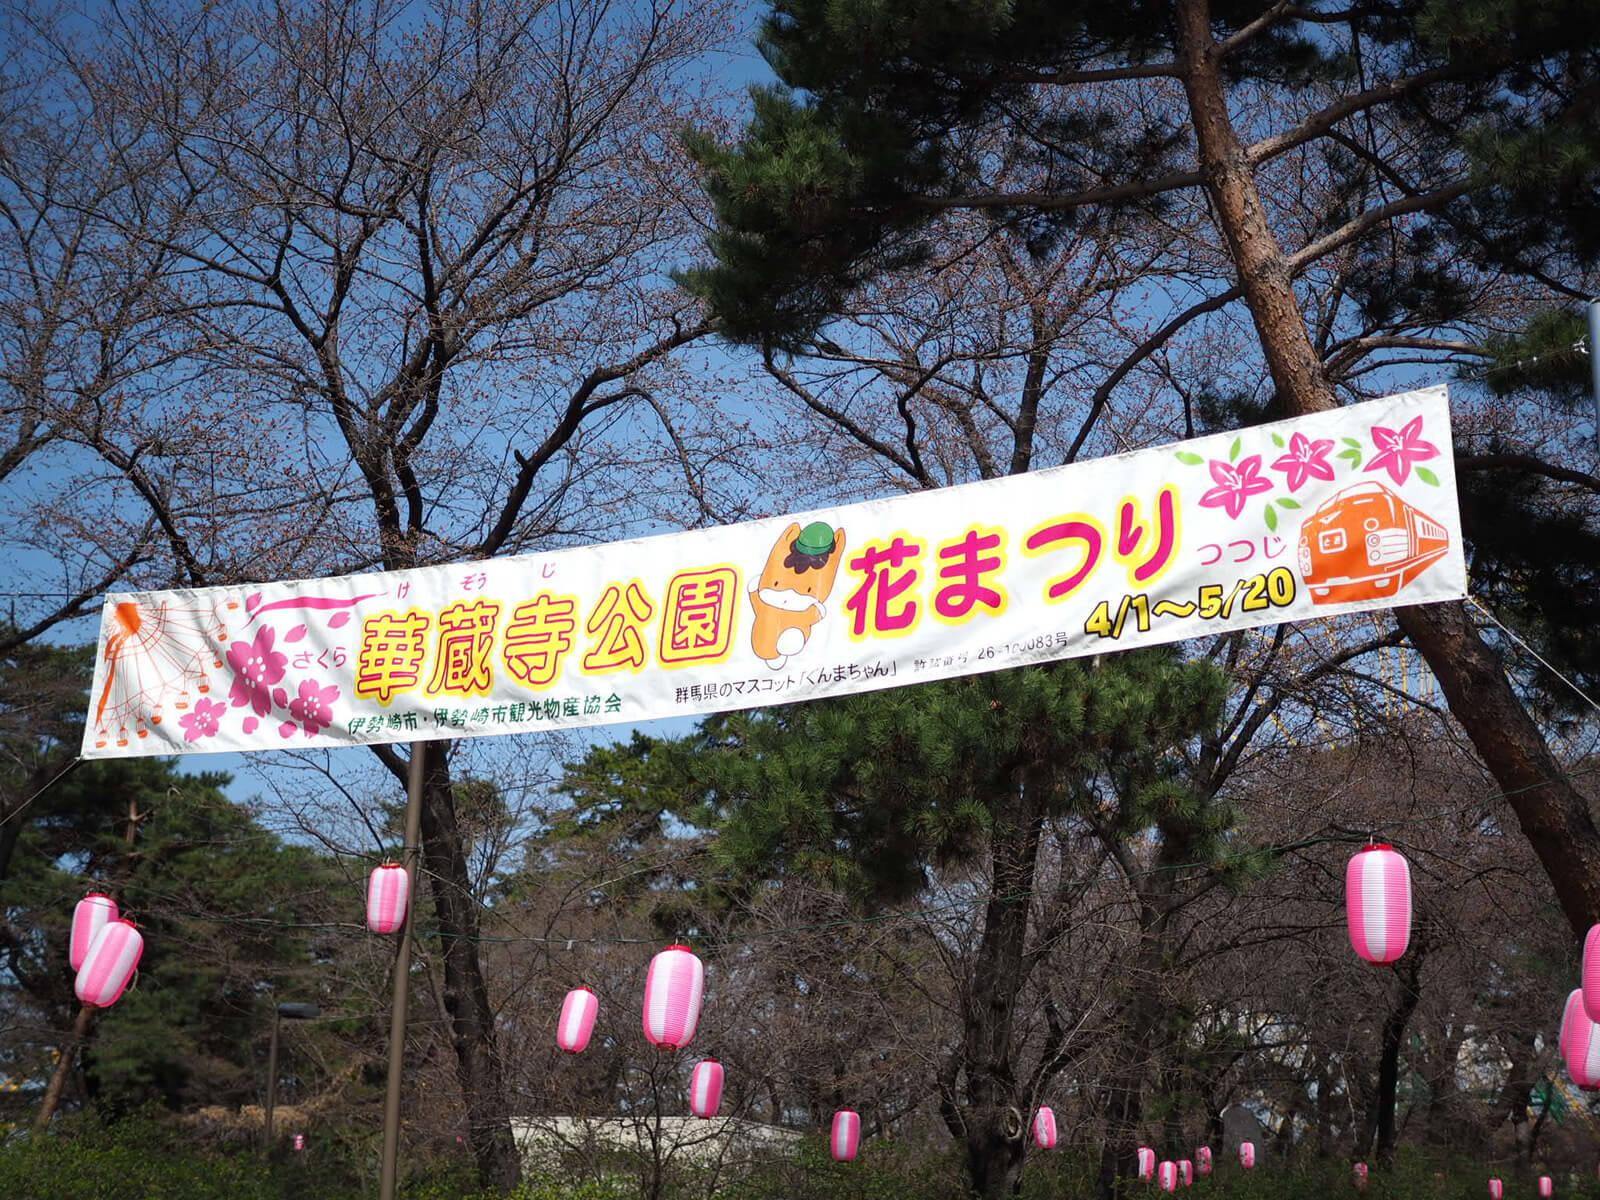 今年も花まつりの開催は4月1日〜